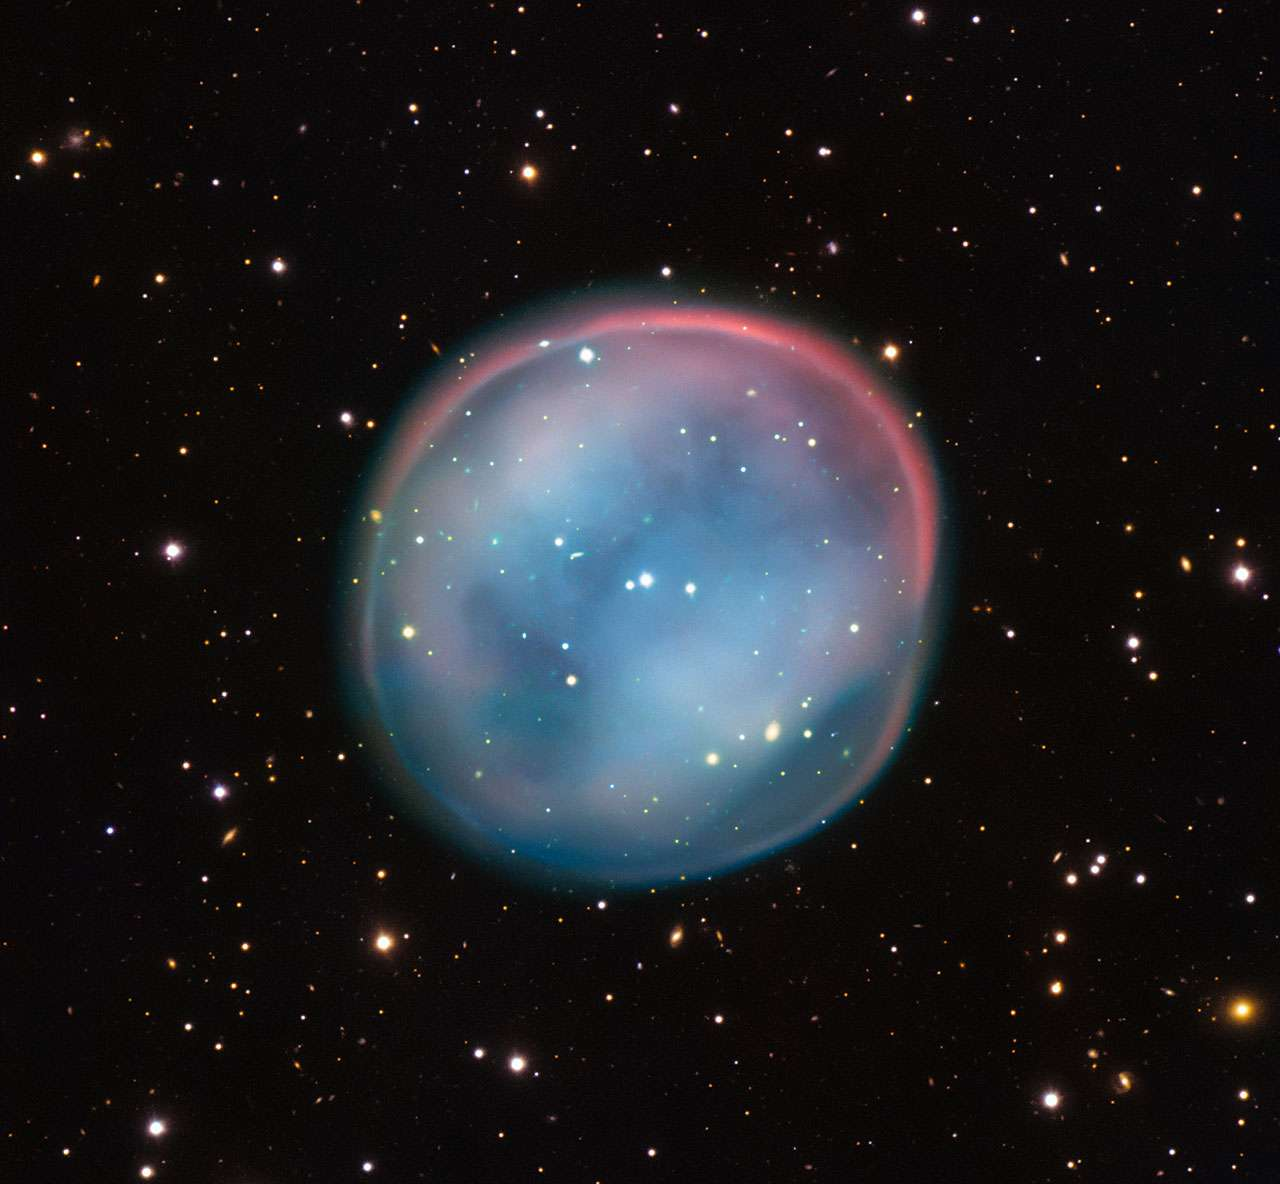 Cette image de l'objet ESO 378-1, la meilleure obtenue à ce jour, a été réalisée avec le VLT dans le cadre du programme Joyaux Cosmiques de l'Eso qui vise à produire, à des fins d'enseignement et de diffusion auprès du grand public, des images d'objets intéressants, intrigants ou visuellement attrayants, au moyen des télescopes de l'Eso. © Eso